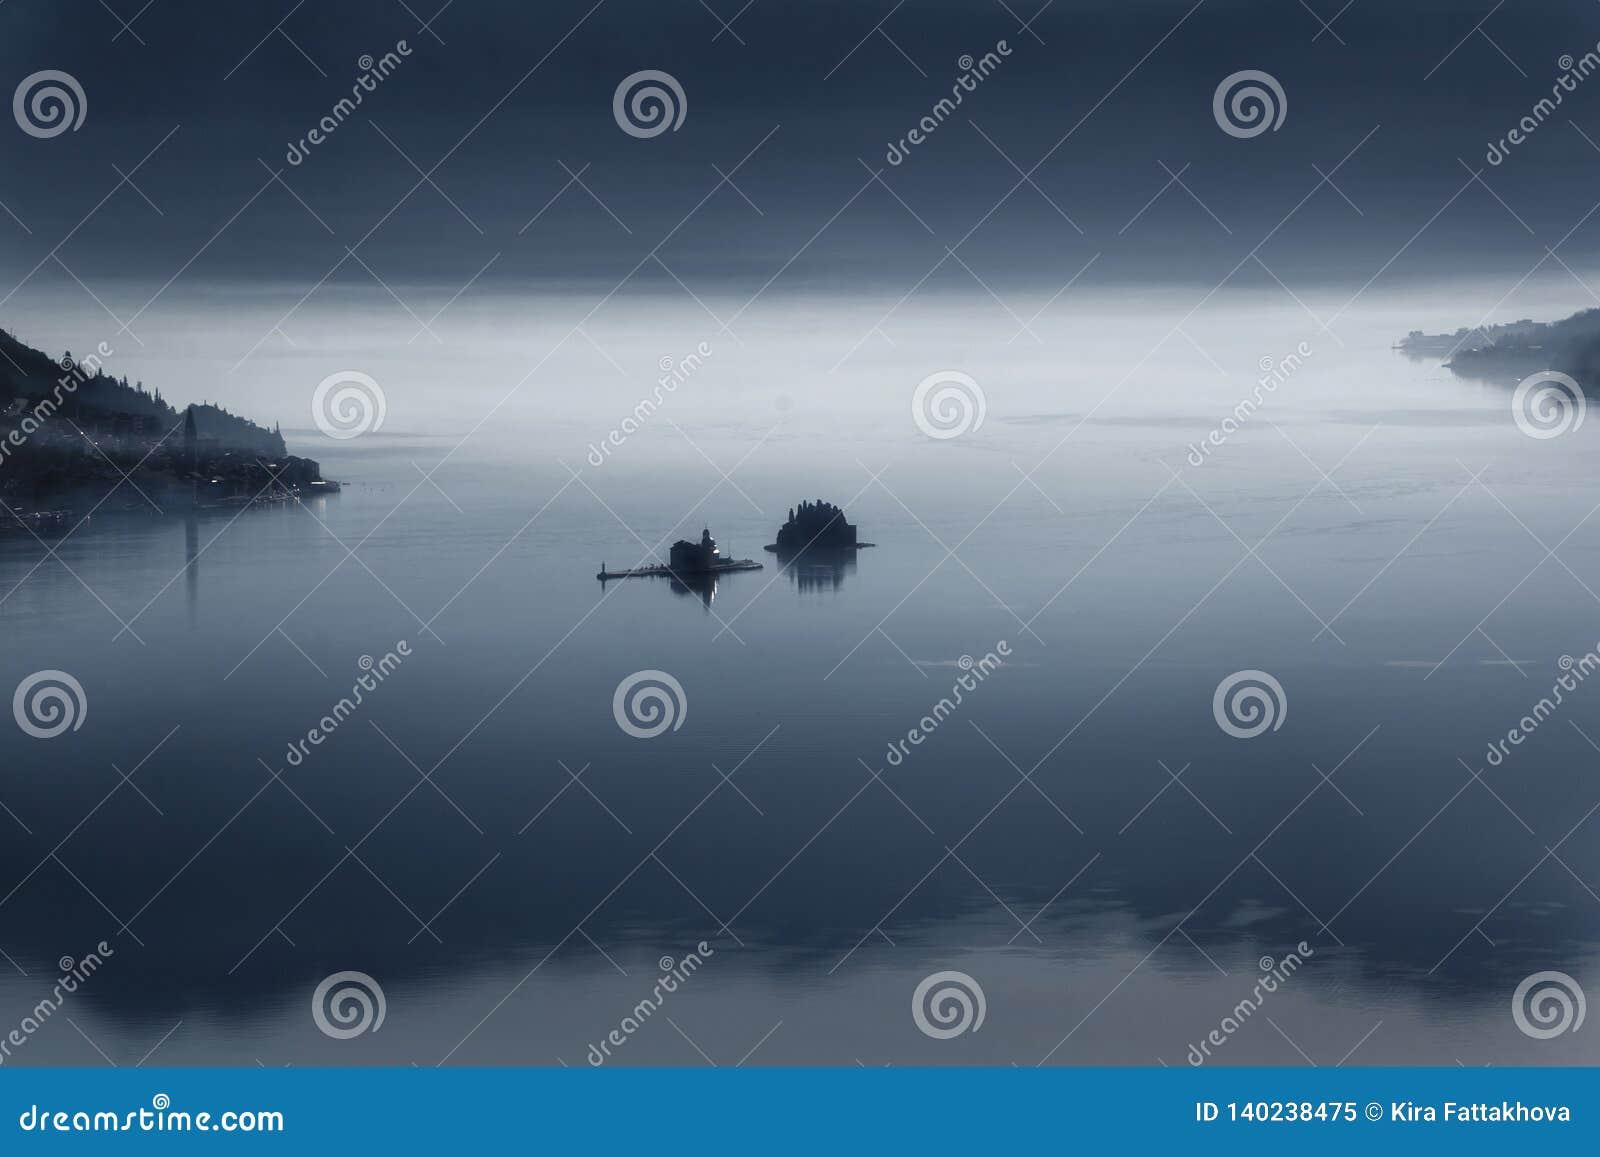 Dos islas cerca de Perast en la bahía de Kotor en la madrugada en la niebla 2019-02-17 08: 38